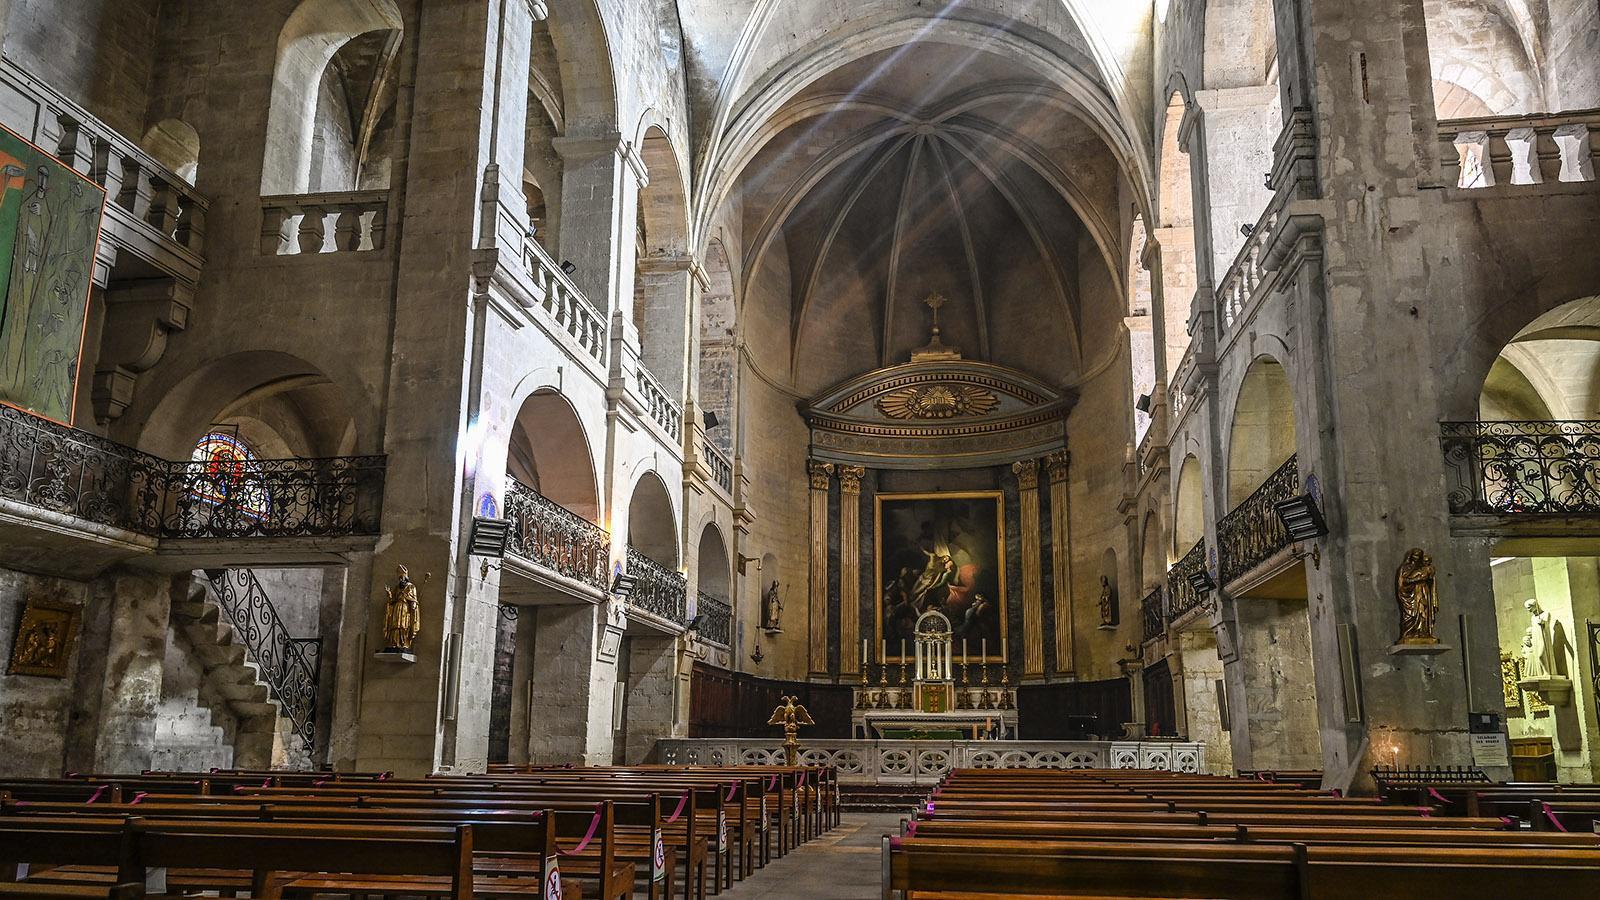 Das Innere der Kathedrale Saint-Théodorit. Foto: Hilke Maunder